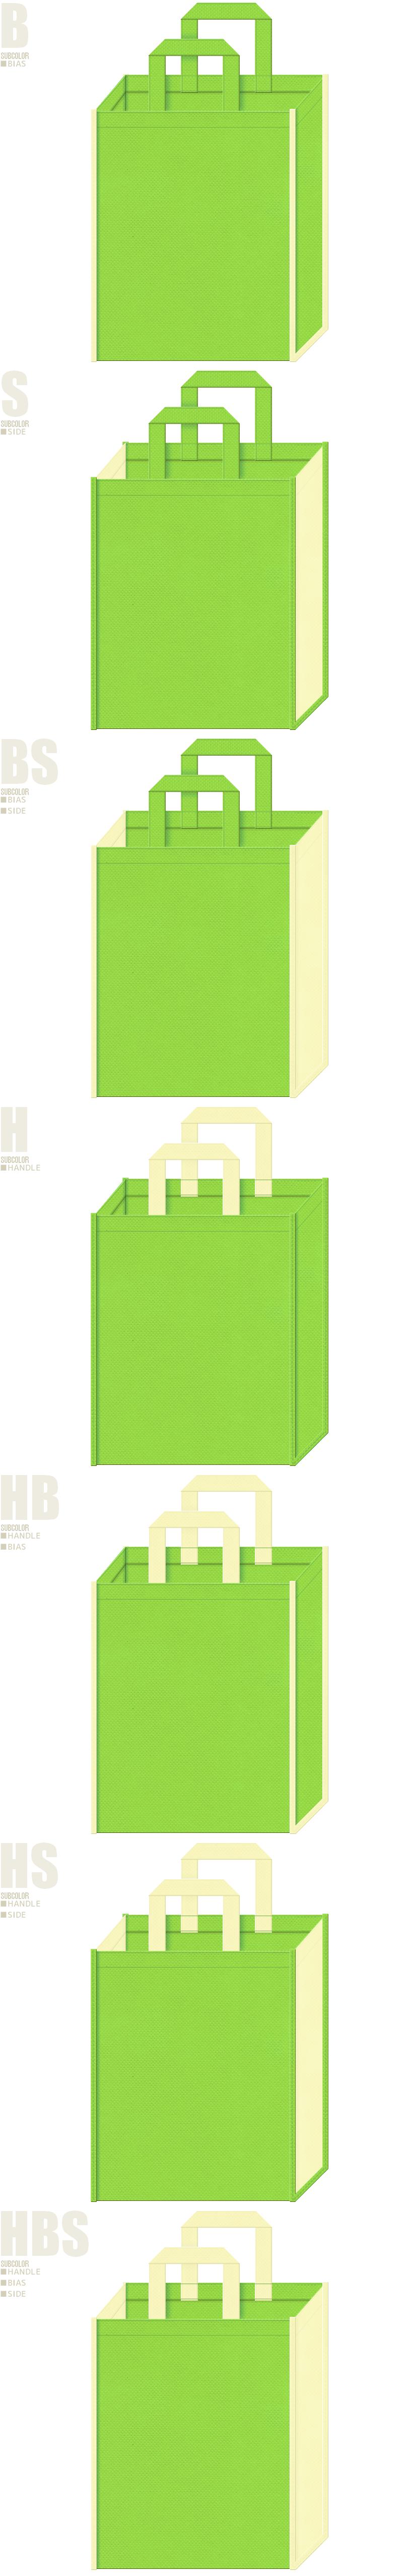 黄緑色と薄黄色、7パターンの不織布トートバッグ配色デザイン例。新緑季節のバッグノベルティにお奨めです。小鳥・インコ風。